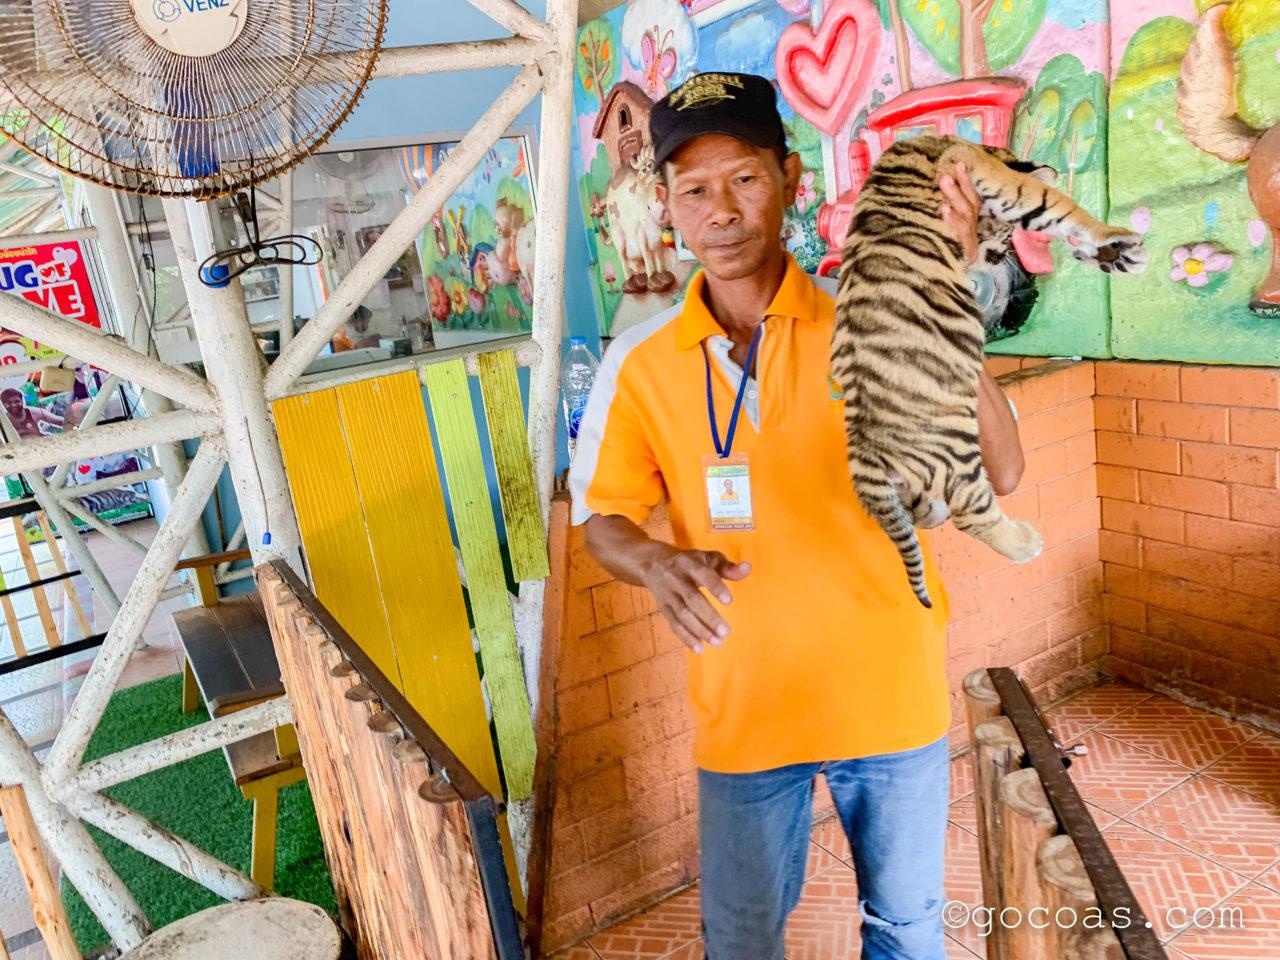 シラチャタイガーズーの子トラ抱っこ体験で子トラを抱きかかえるスタッフ